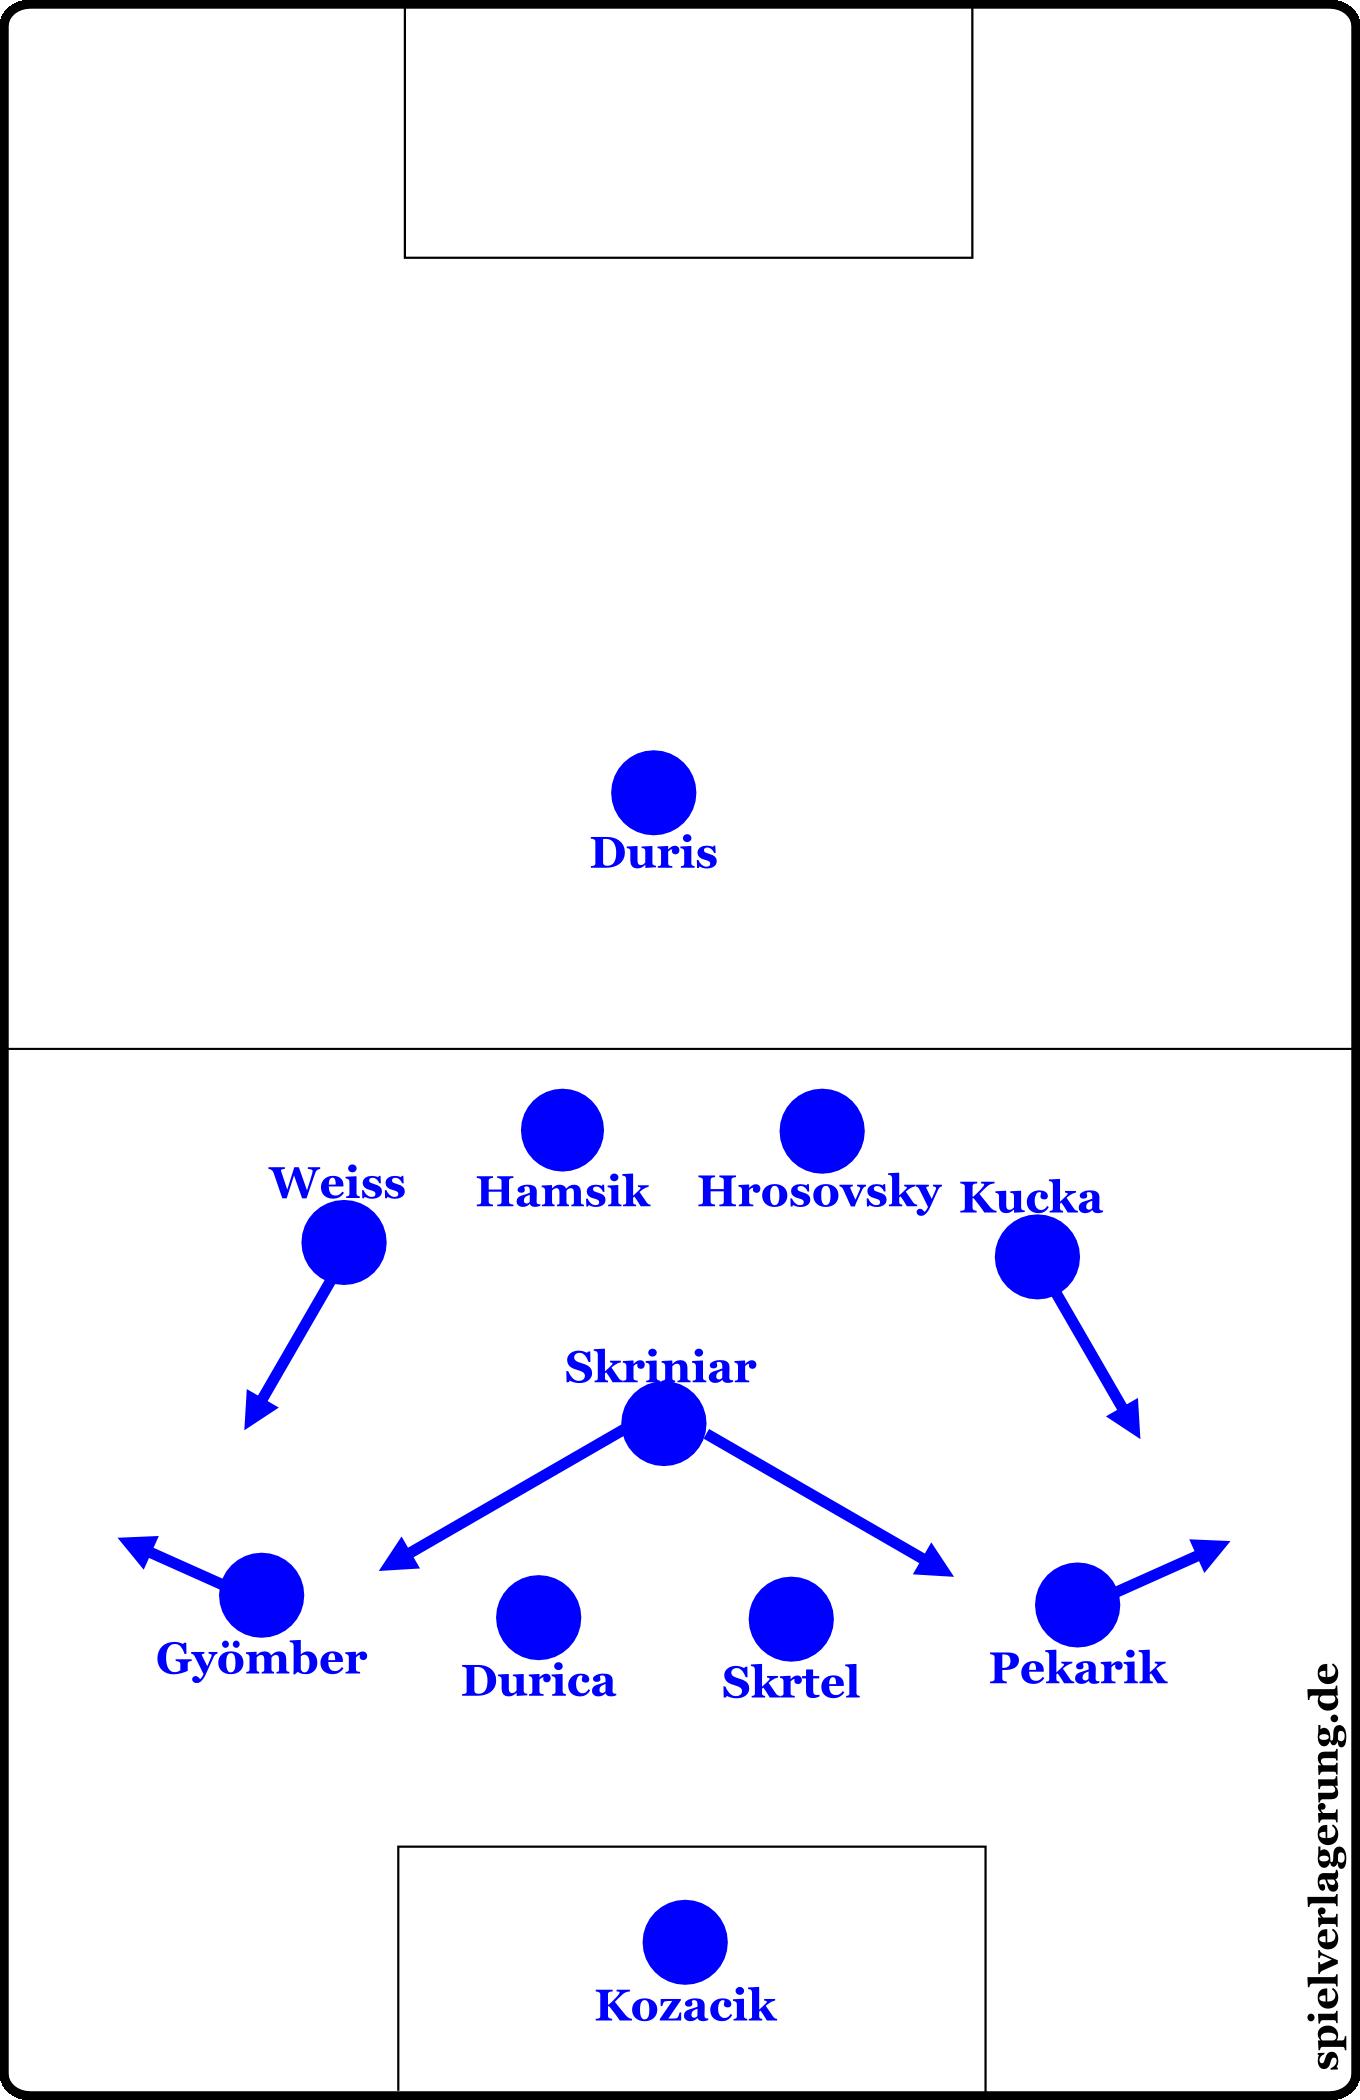 Die slowakische Verteidigungsformation. Die Außenstürmer ließen sich hinter die Achter zurückfallen, es entstand ein 4-3-2-1. Skrinior musste (wie in der Szene oben dargestellt) häufig die breite Viererkette auffüllen.